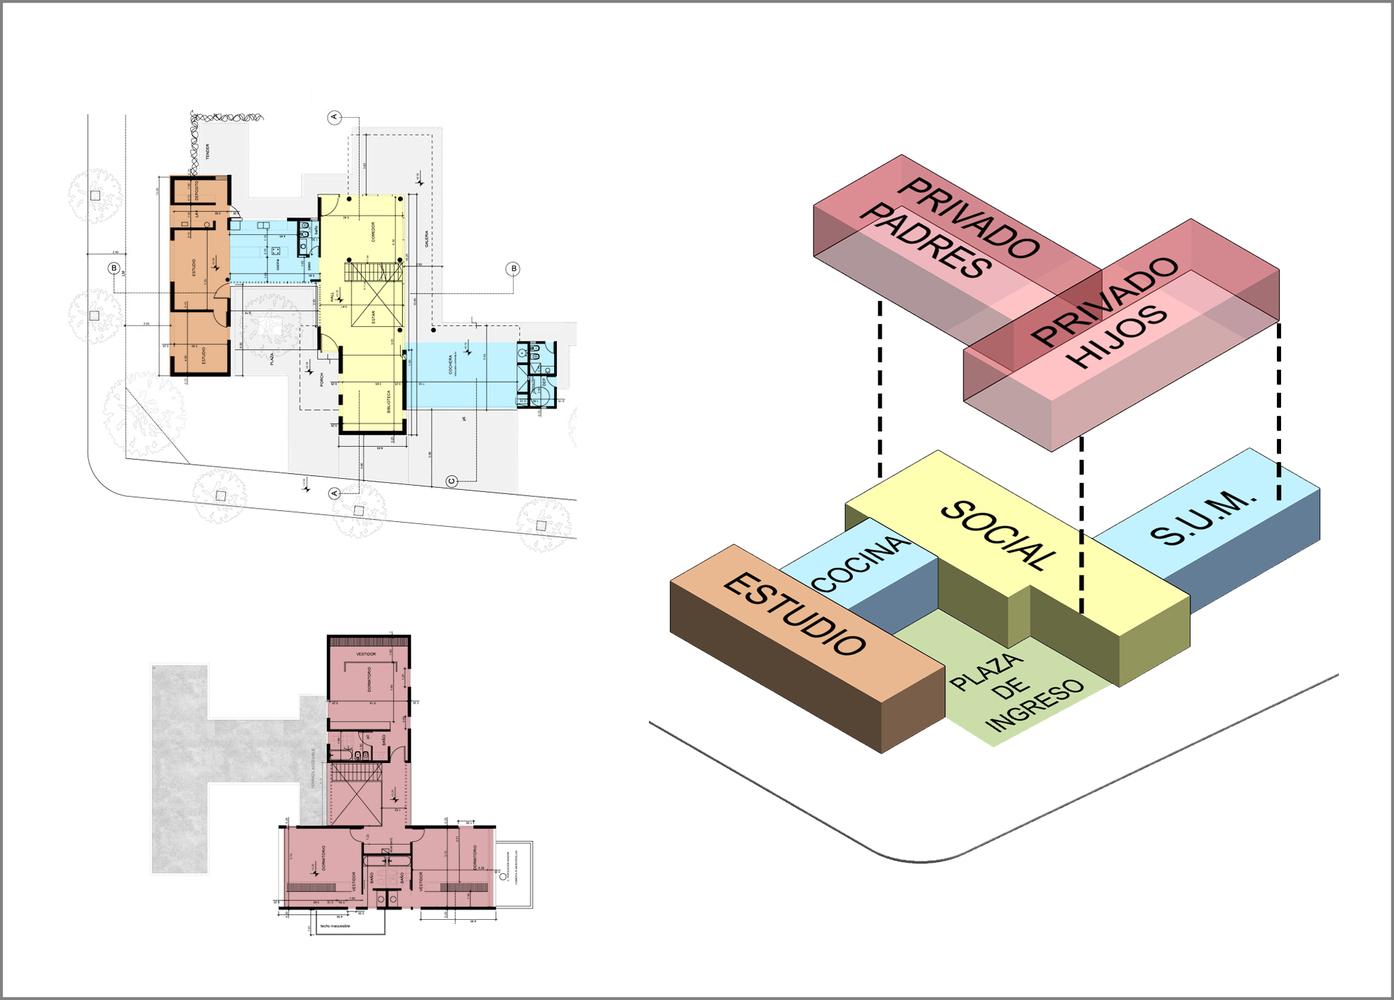 Esquemas funcionales: estrategias de organización programática en casas de Argentina,Casa en el Aire / APS - Pablo Senmartin. Image